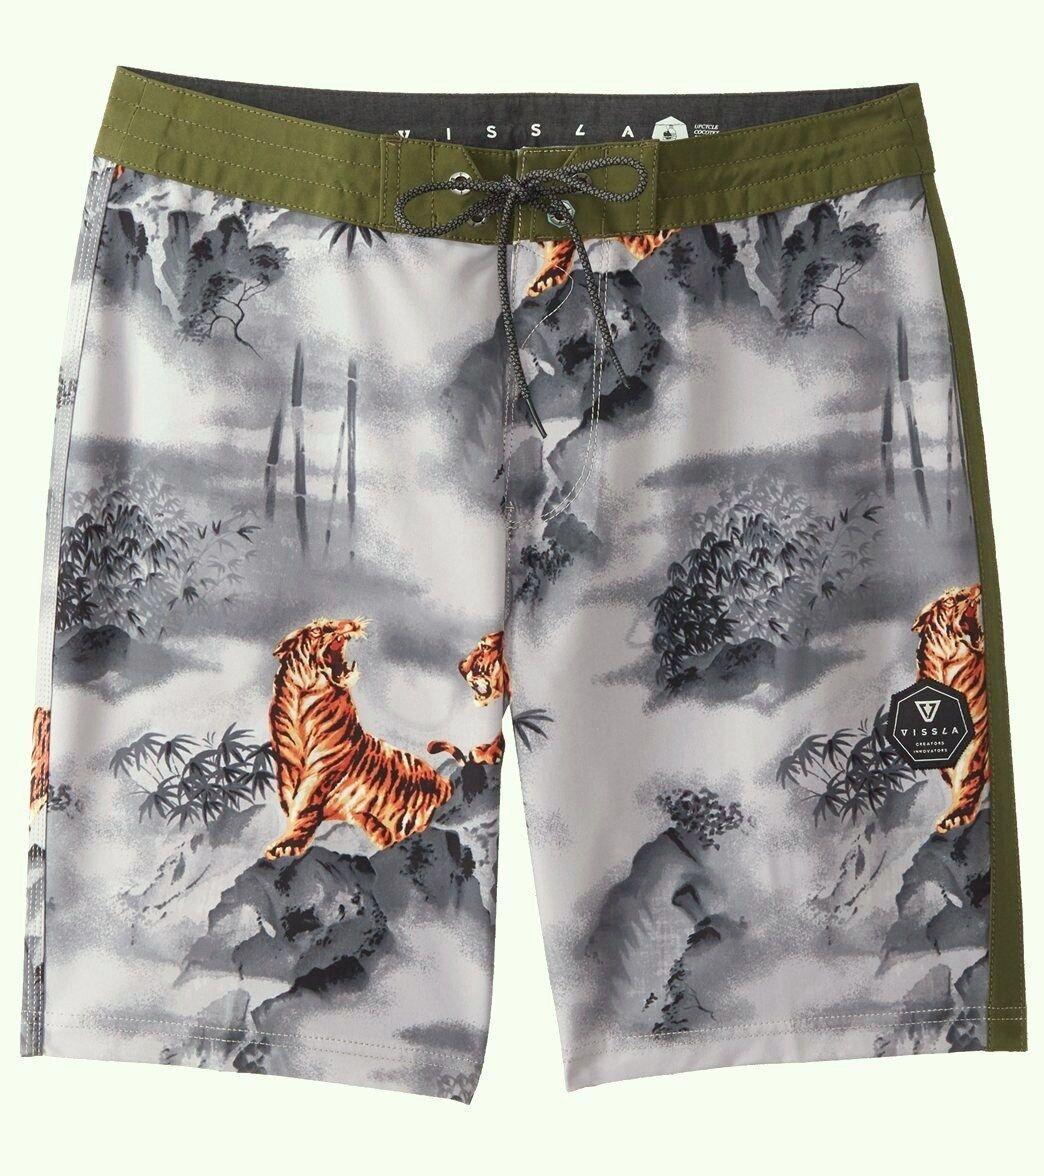 VISSLA Men's MYSTY MOUNTAIN Board Shorts - Steel - Size 30 - NWT